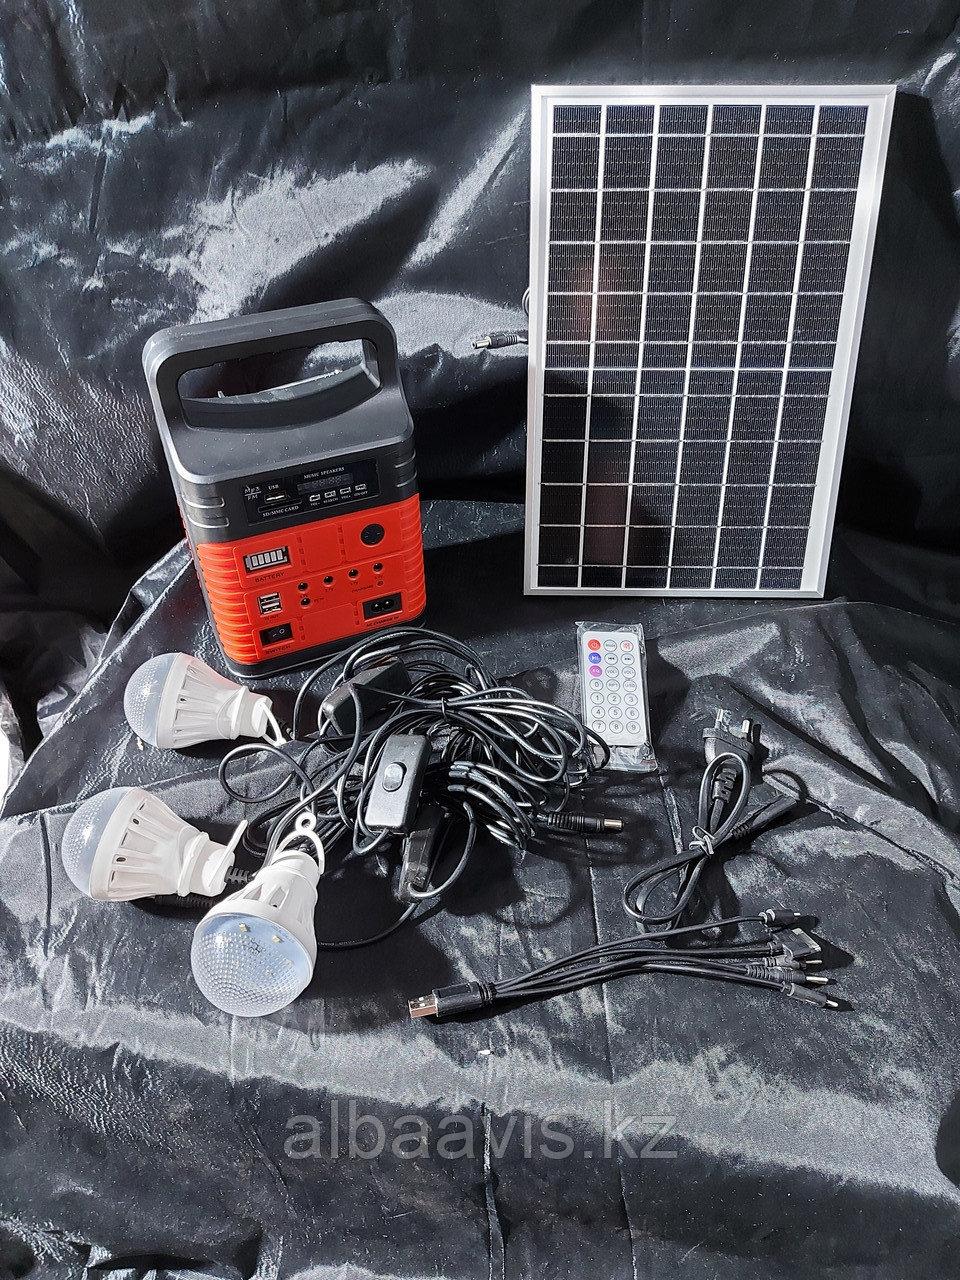 Солнечная система освещения . Портативная солнечная станция. Туристическая солнечная станция освещения